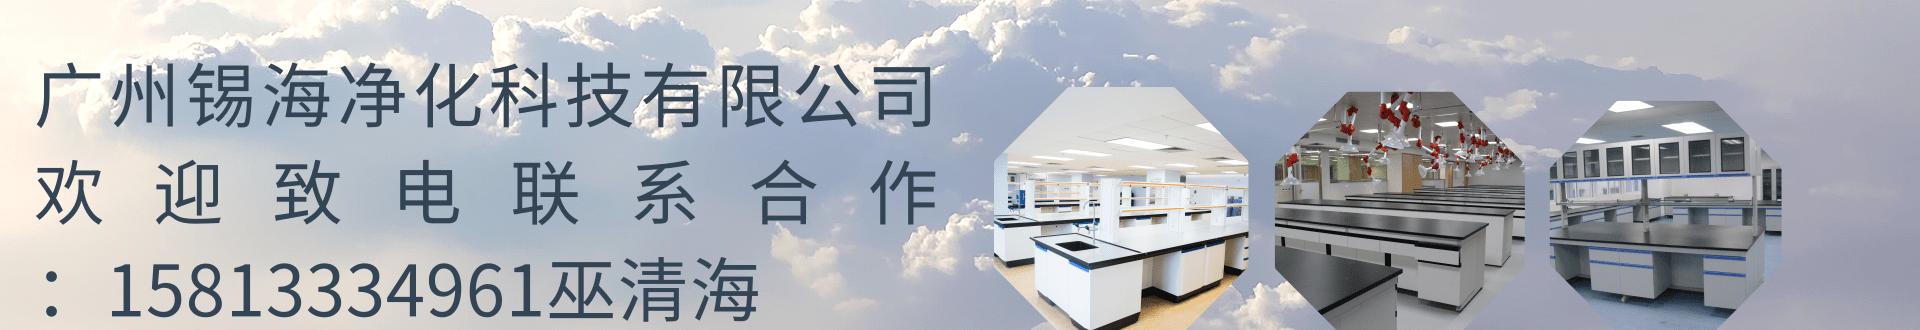 广州锡海净化科技有限公司